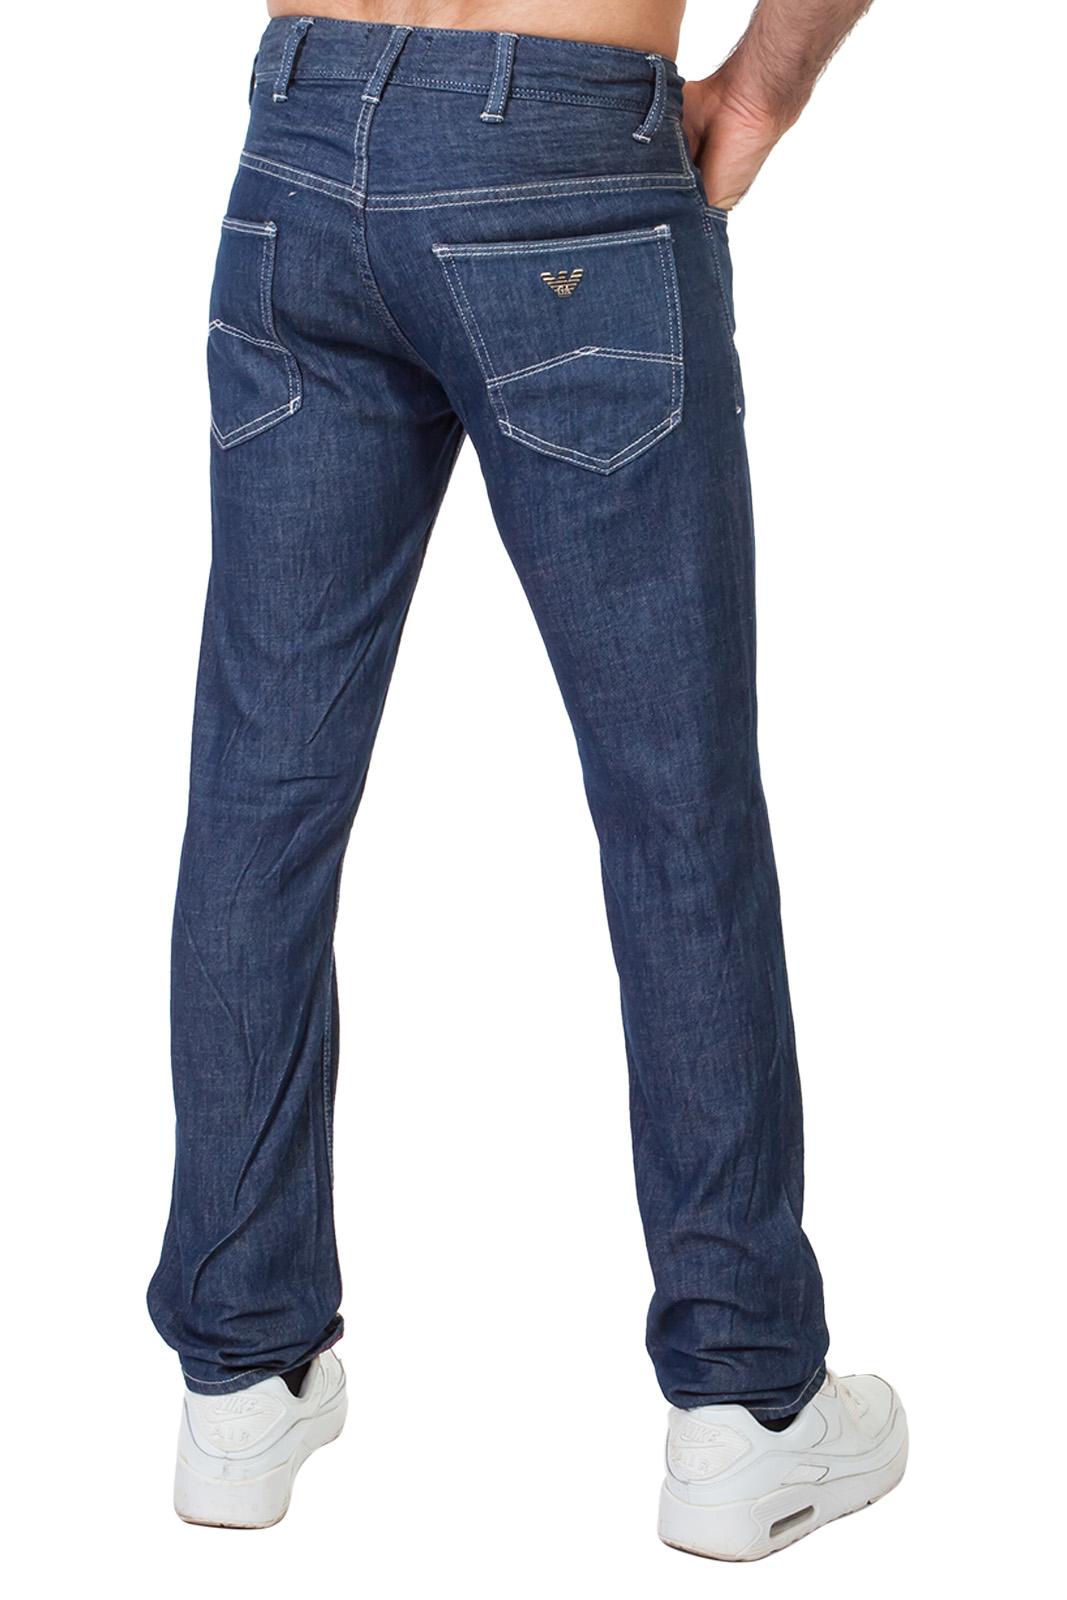 Заказать дешевые мужские джинсы – классика